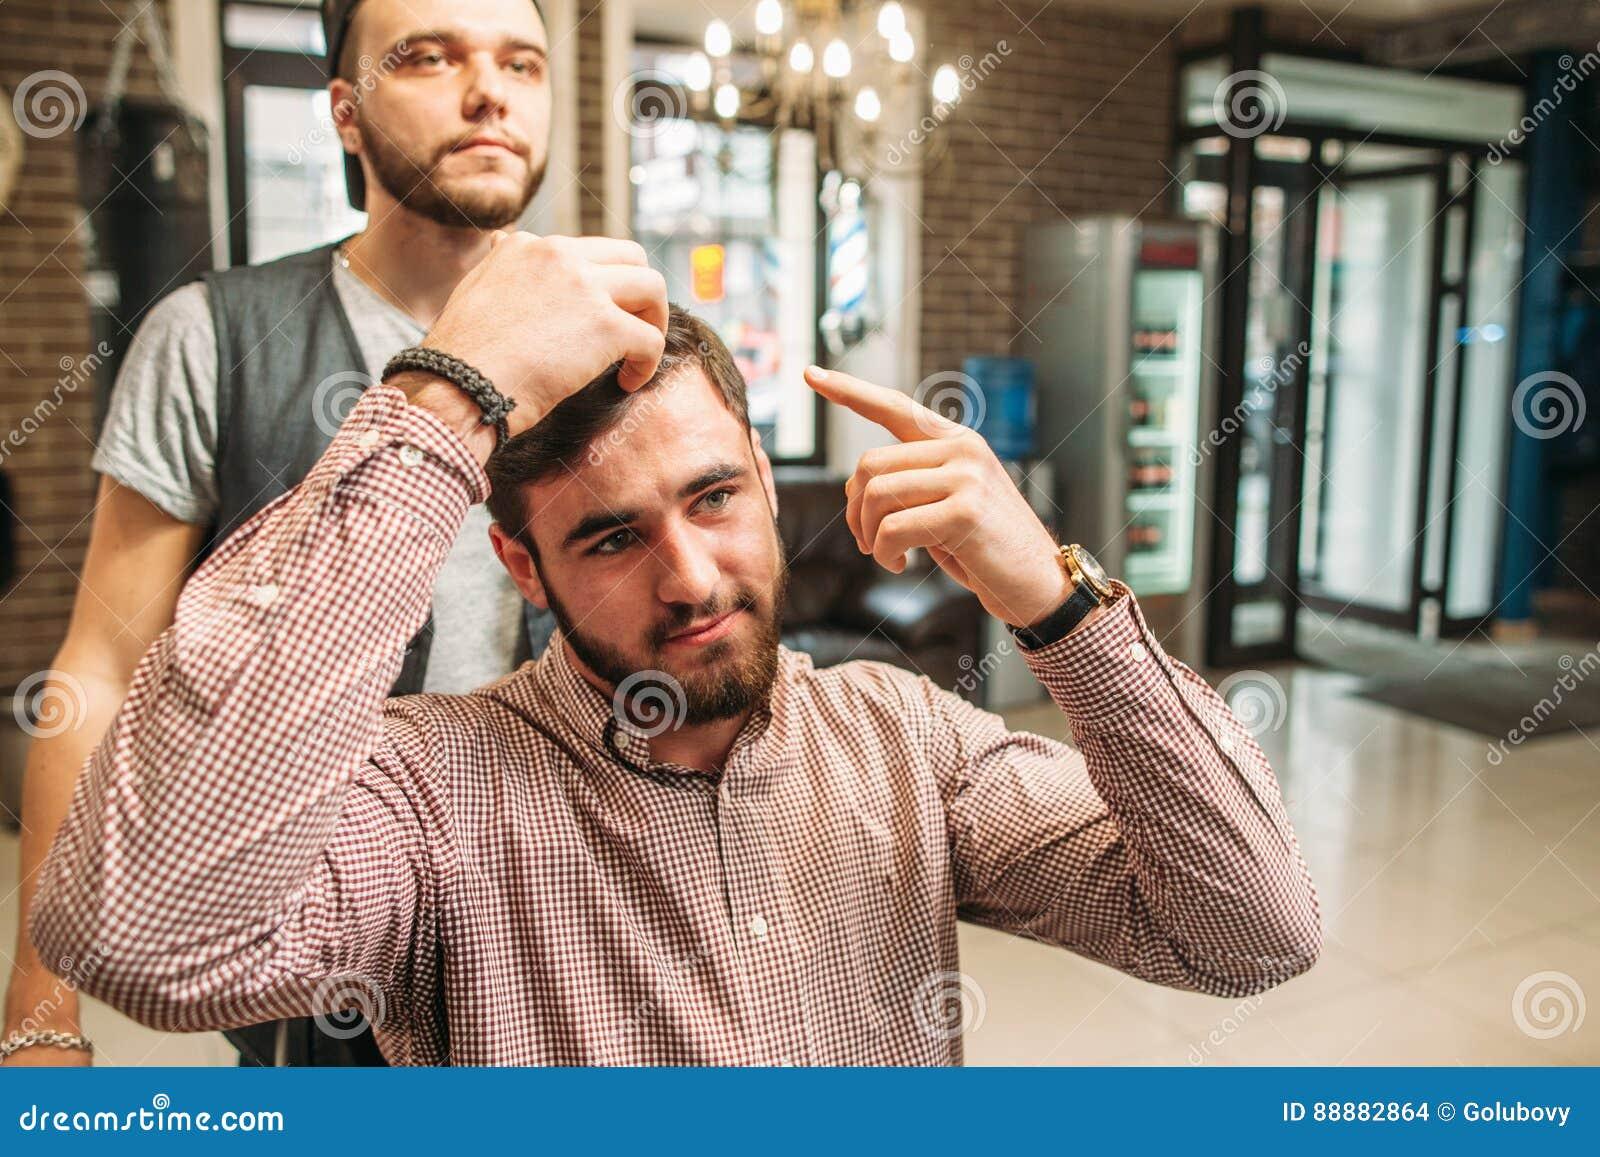 Come tagliare i capelli hipster